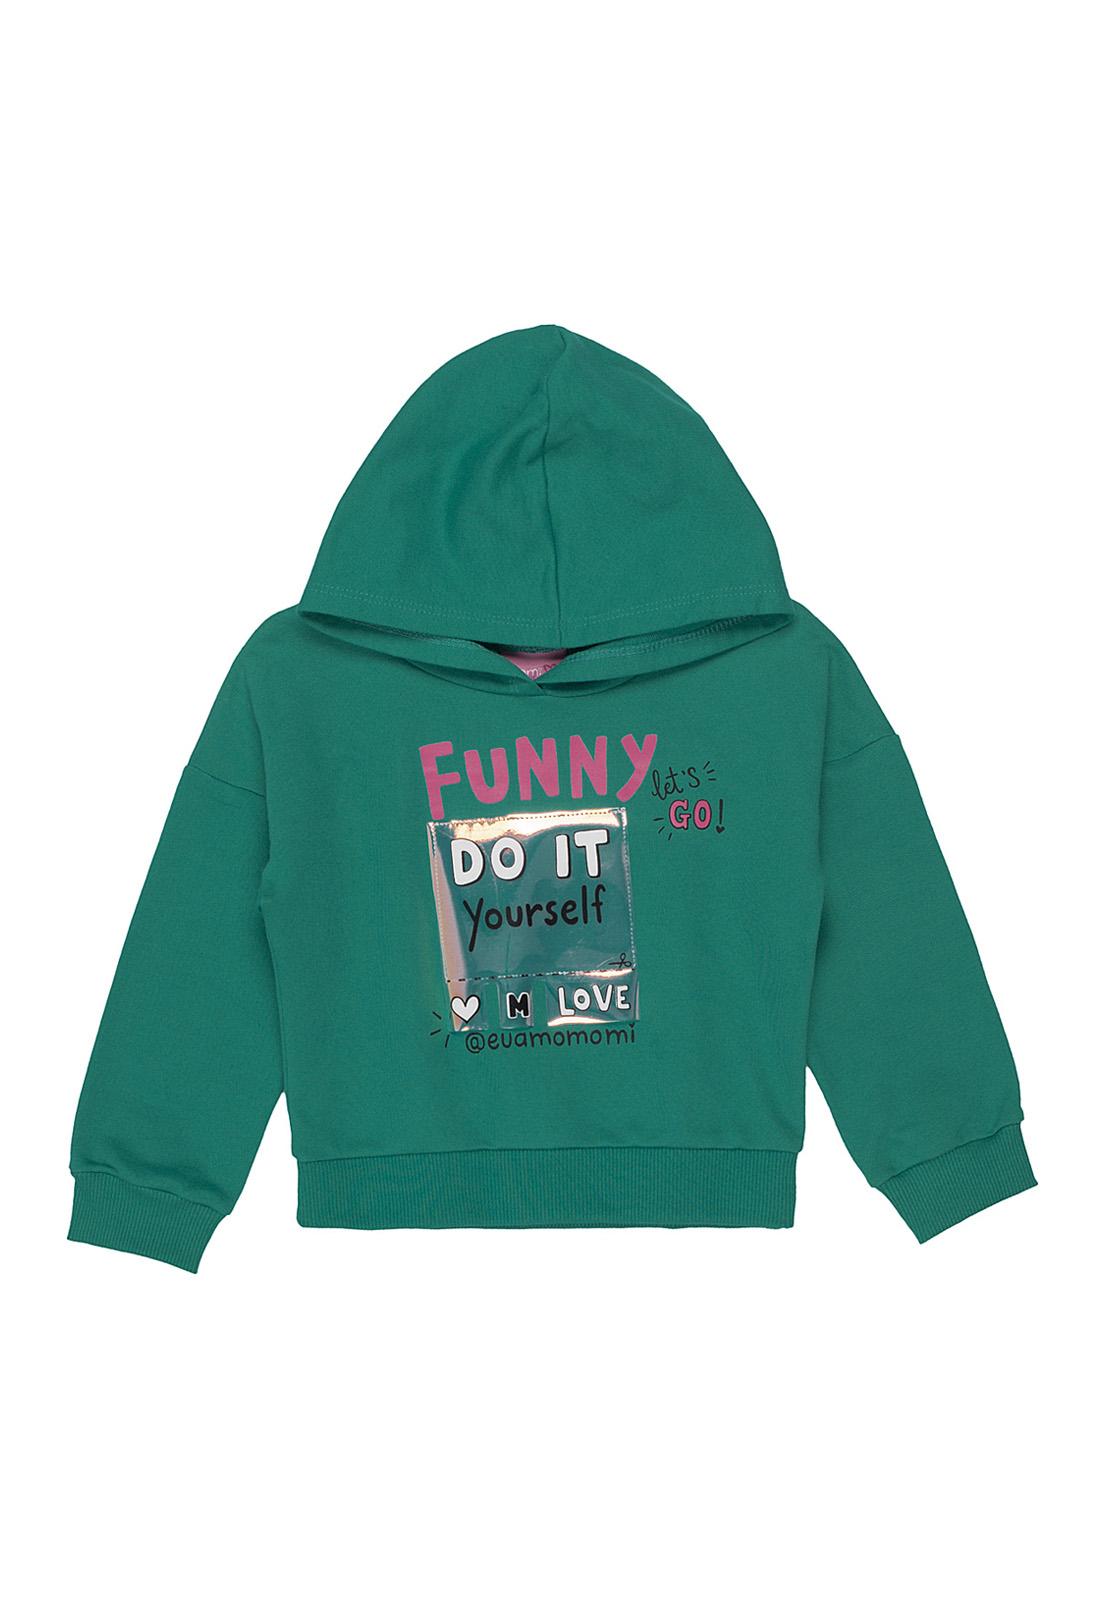 Blusa Infantil Moletom Funny com Capuz Verde Esmeralda Momi